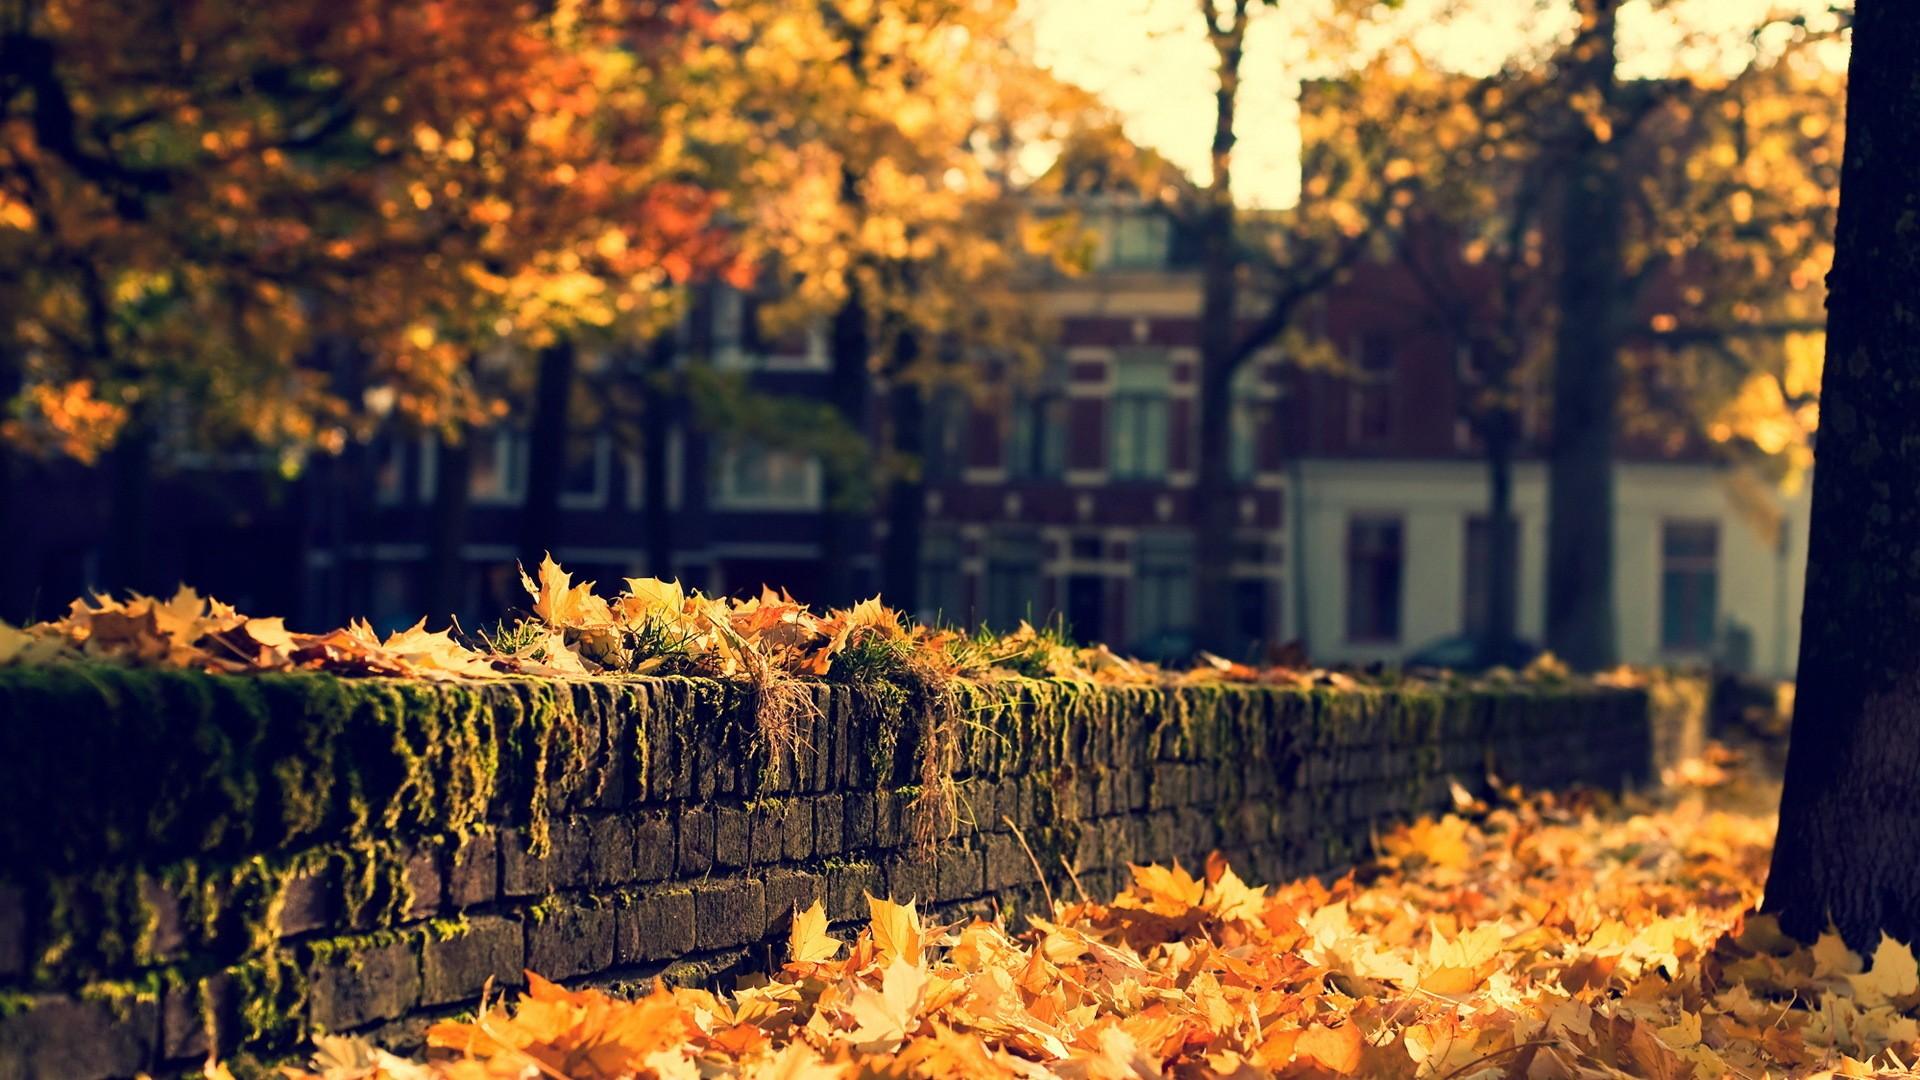 Free Autumn Desktop Wallpaper Backgrounds Wallpaper 1920x1080